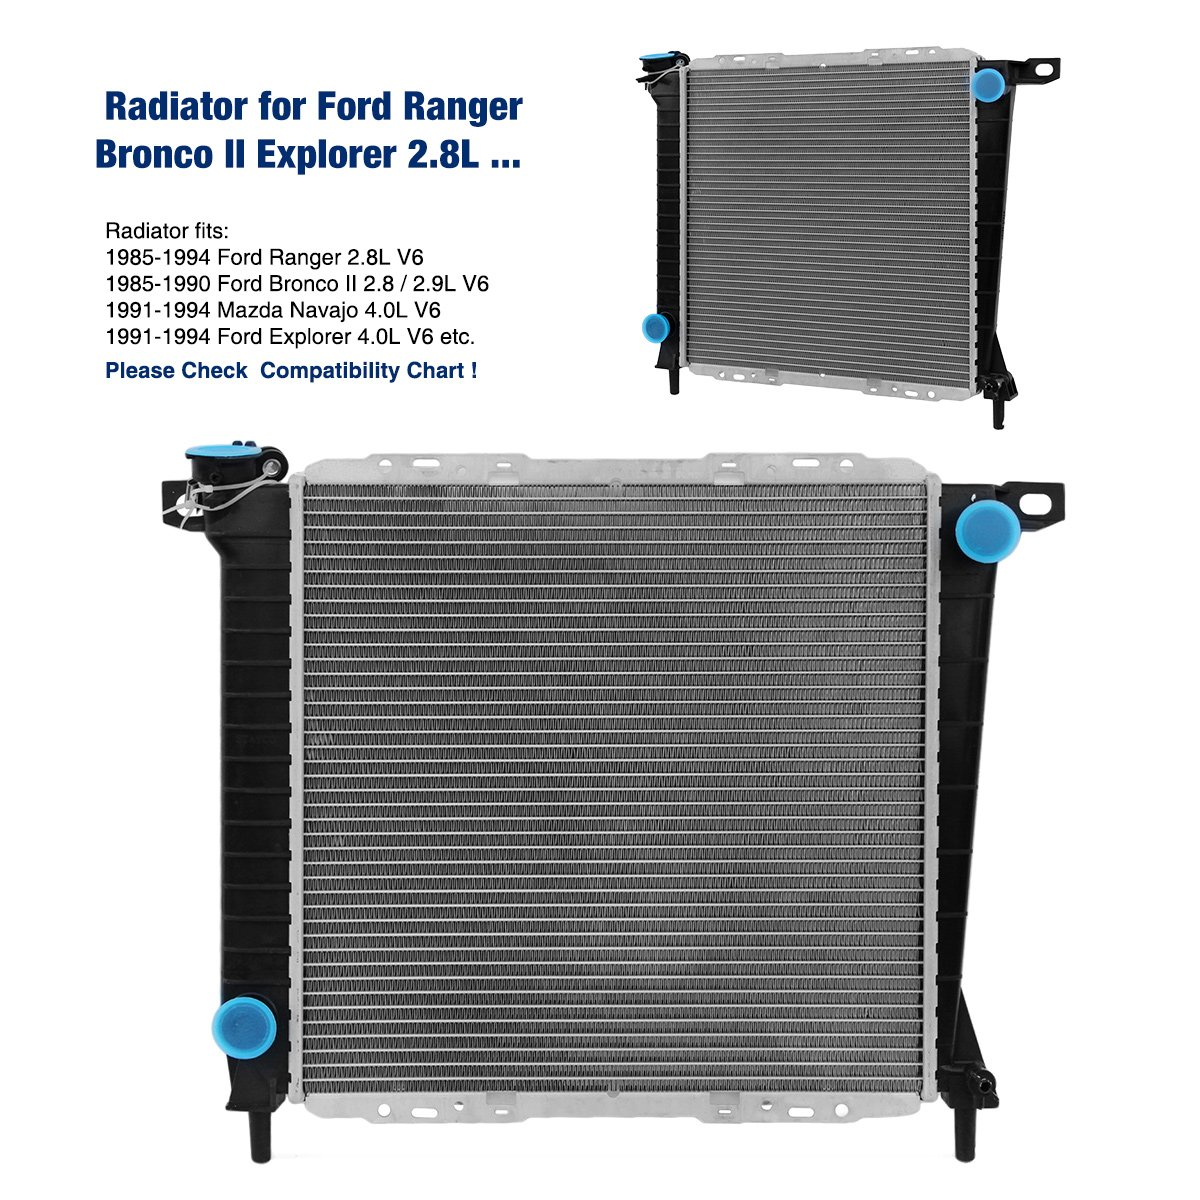 stayco coche Radiador 897 para Ford Ranger Bronco II Explorer 2.8L V6: Amazon.es: Coche y moto